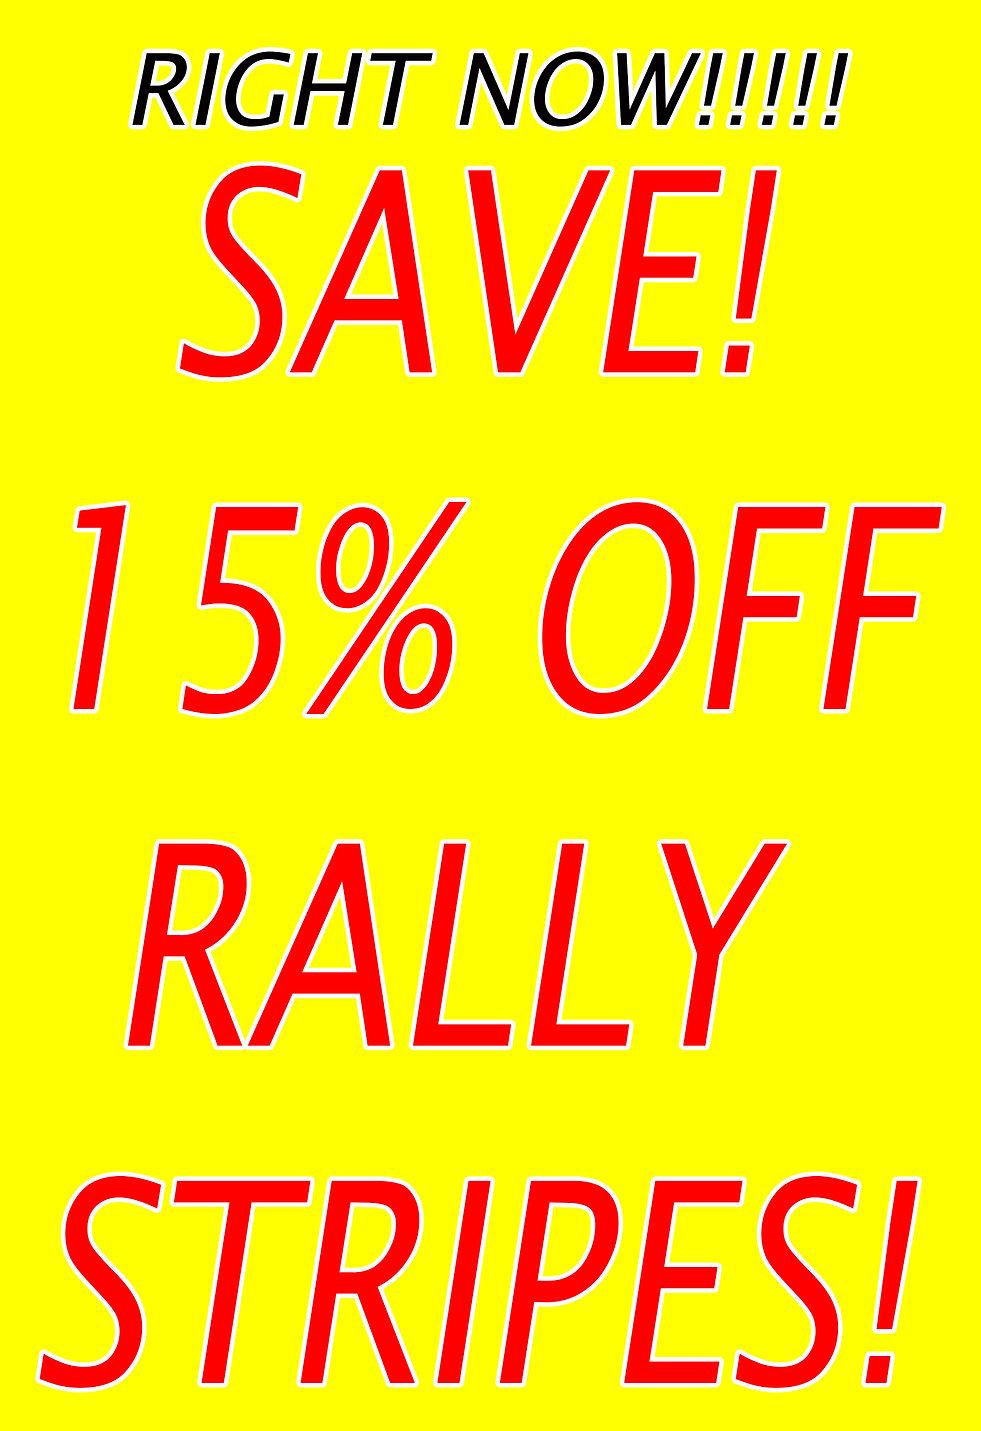 15 off rally stripes.jpg